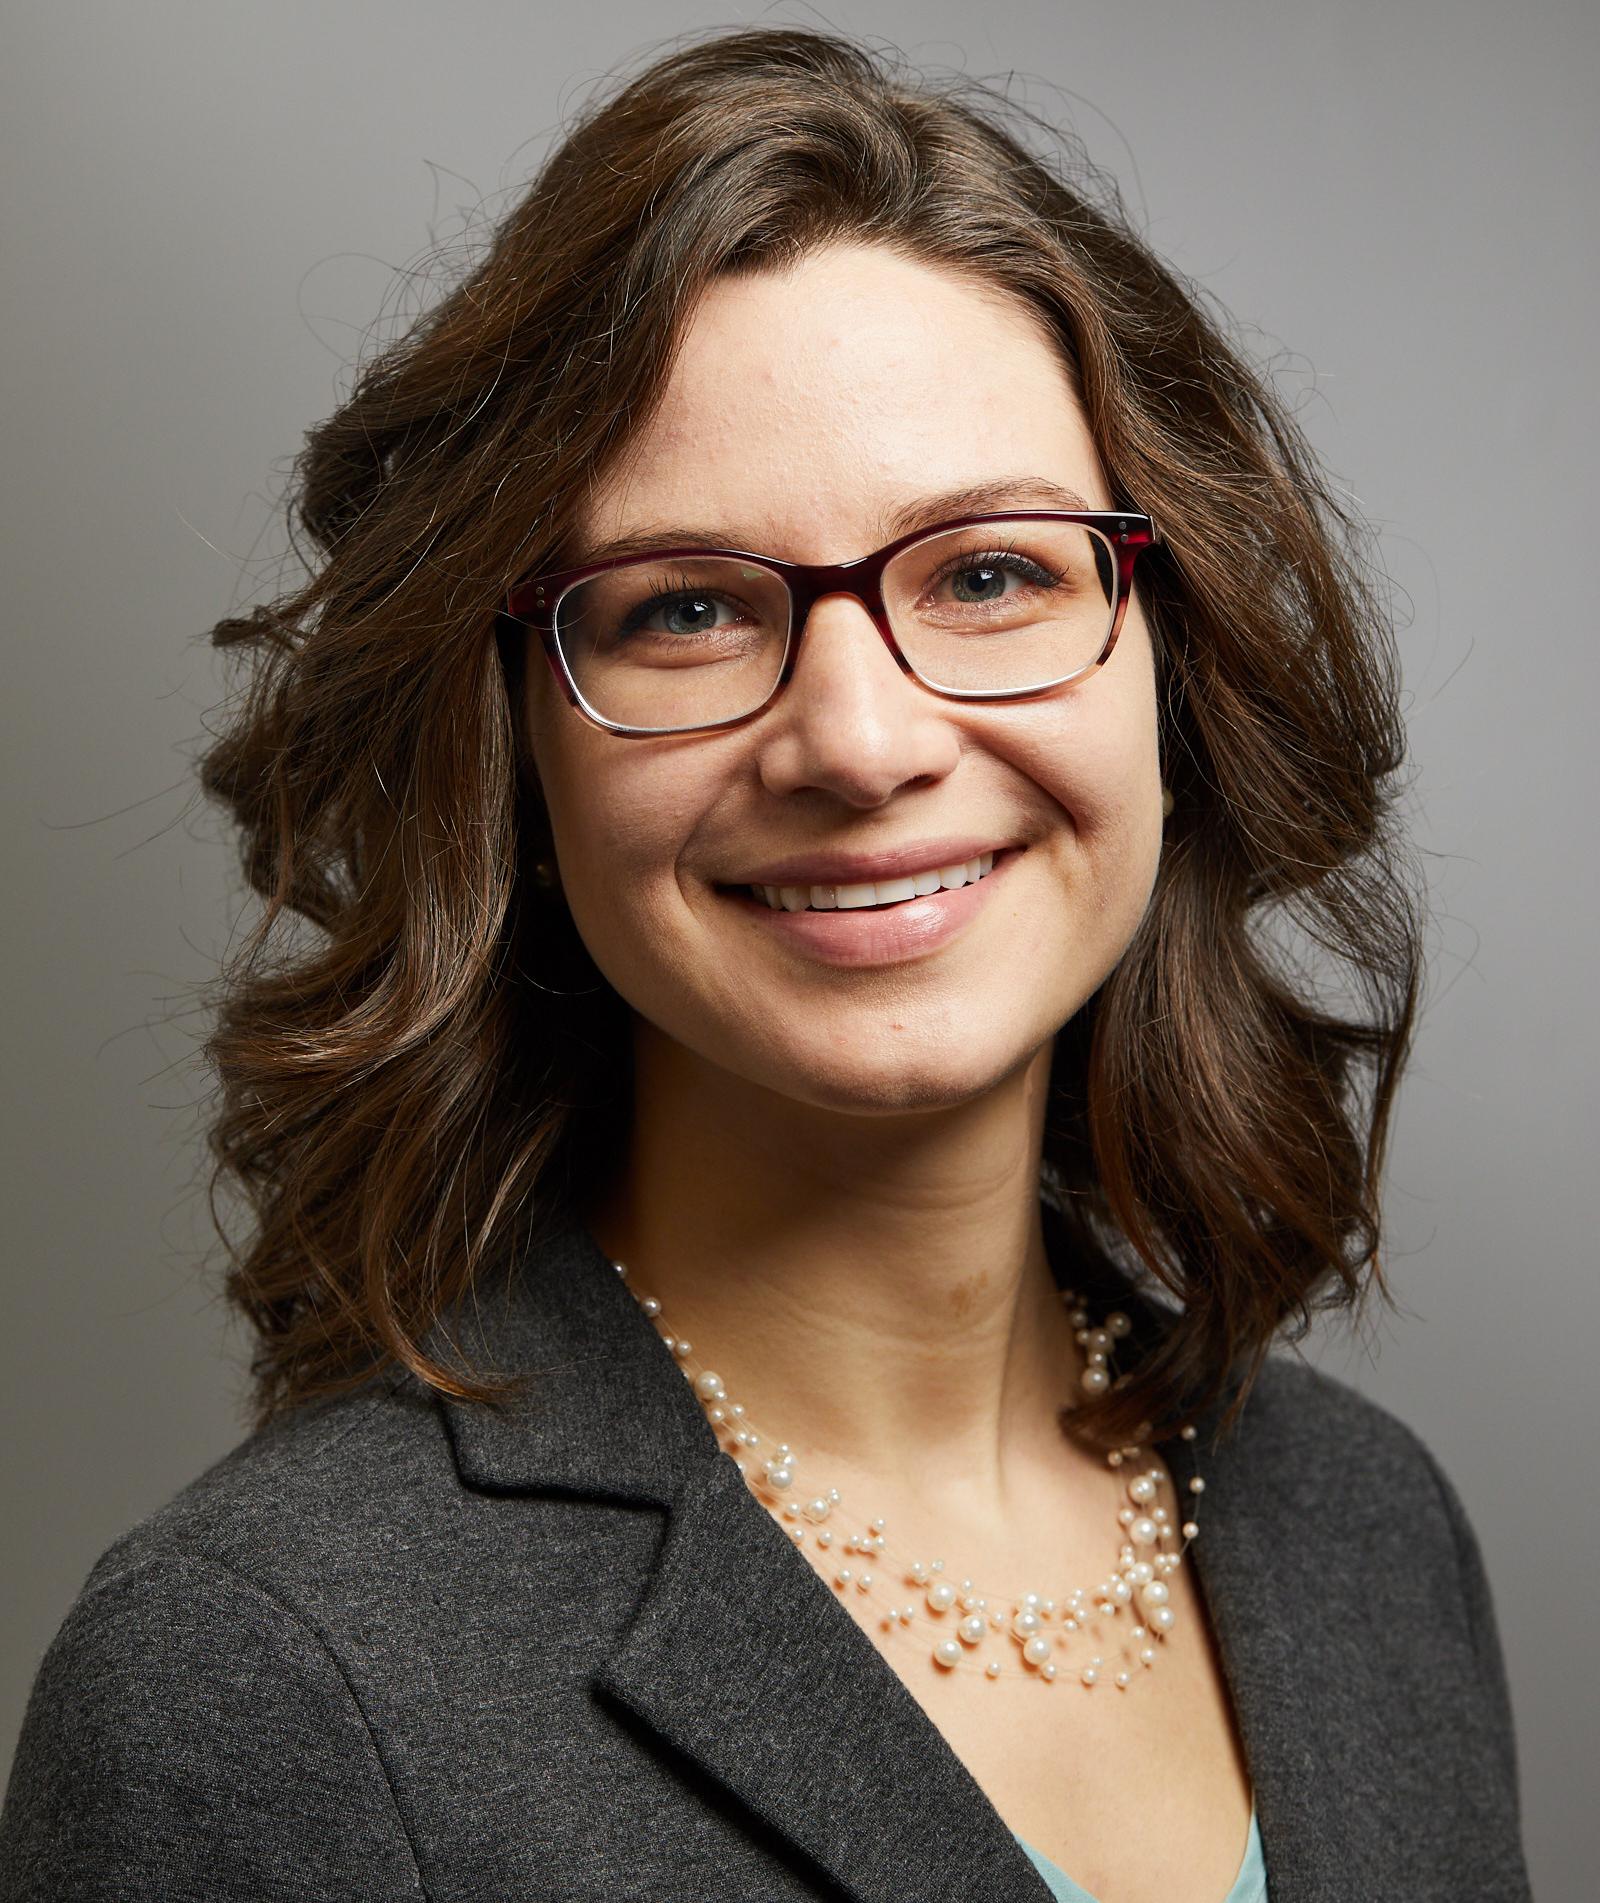 Photo of Erin Hoffman